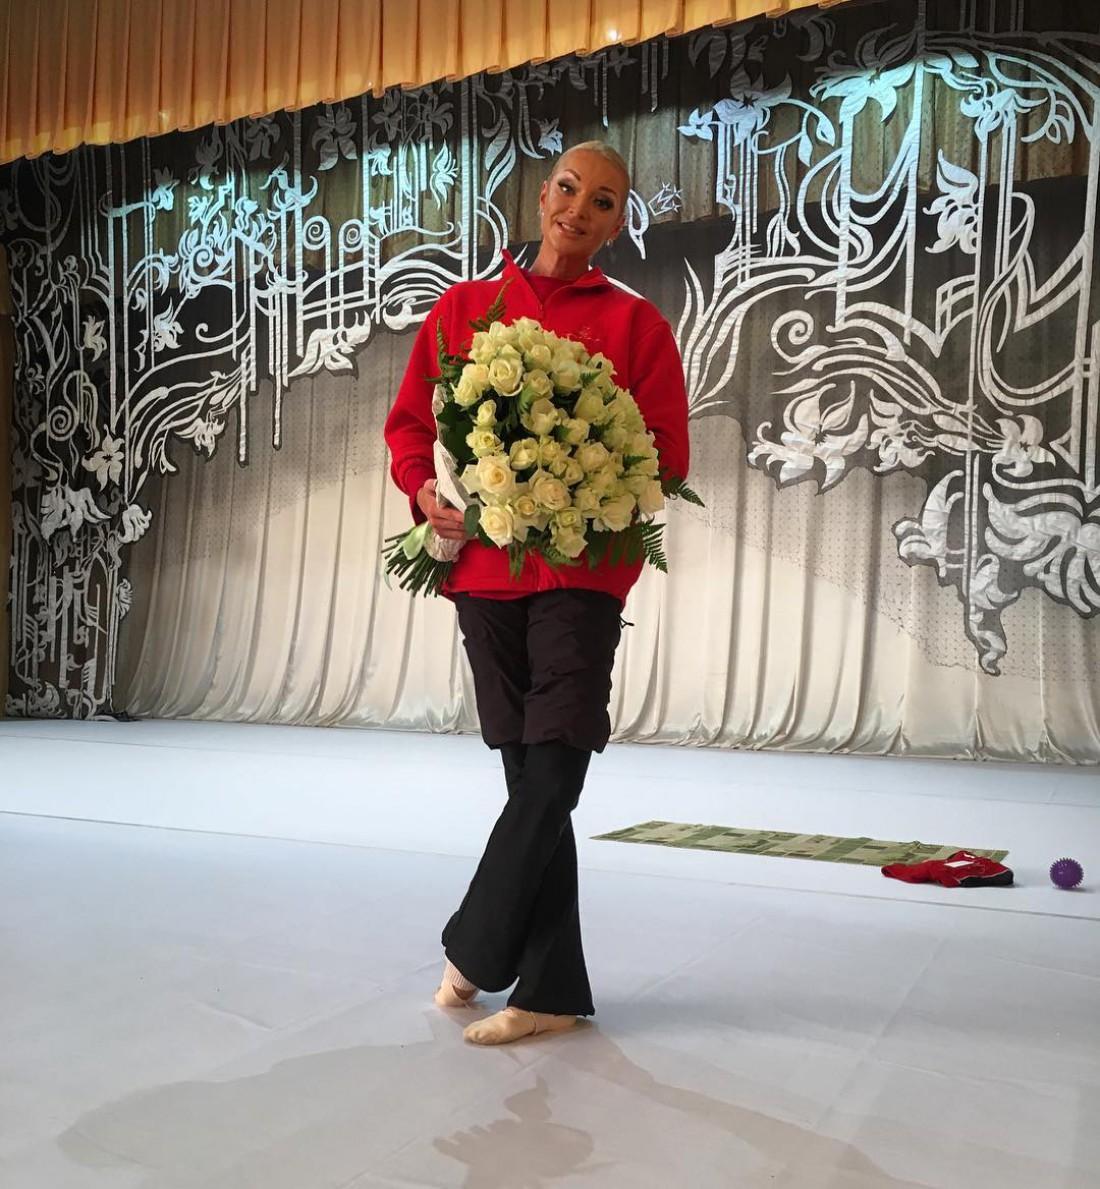 Балерина похвасталась букетом роз